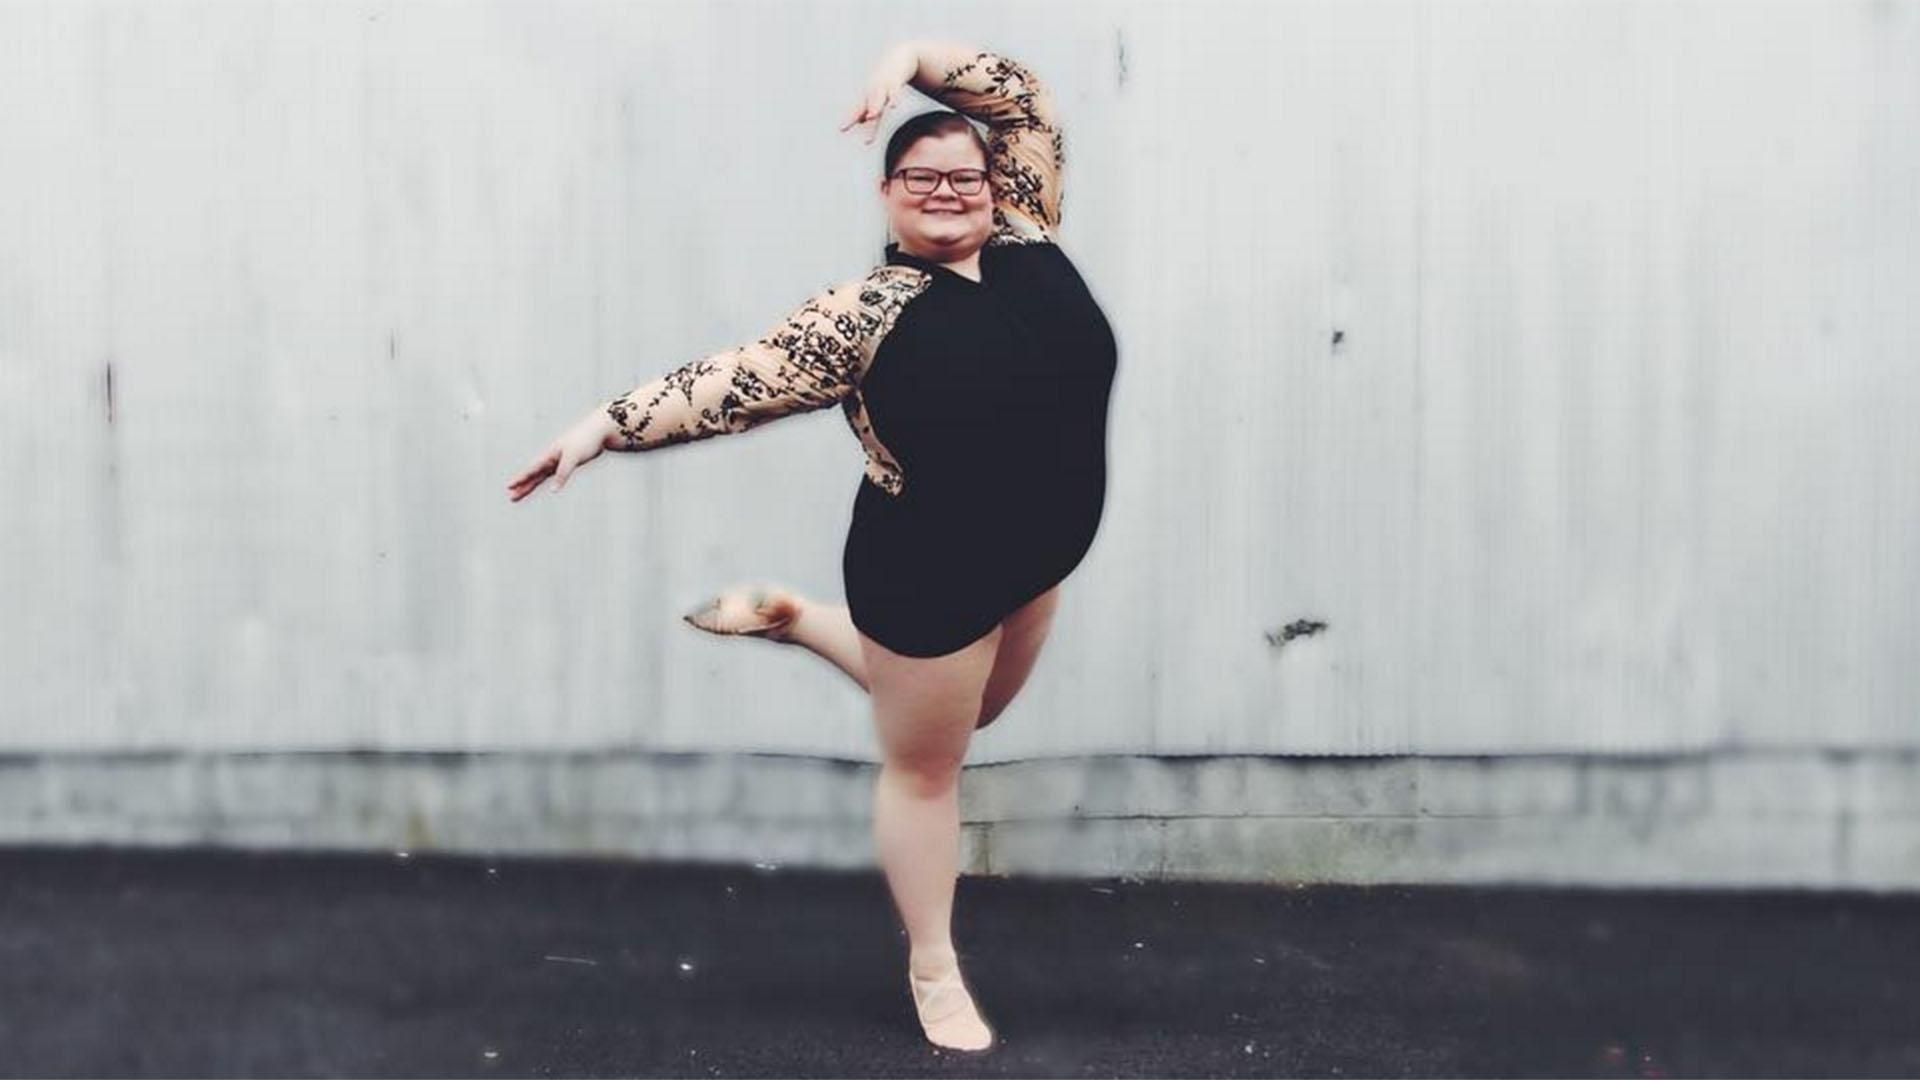 kolgotkah-nebritie-seks-s-professionalnoy-balerinoy-ogromnogo